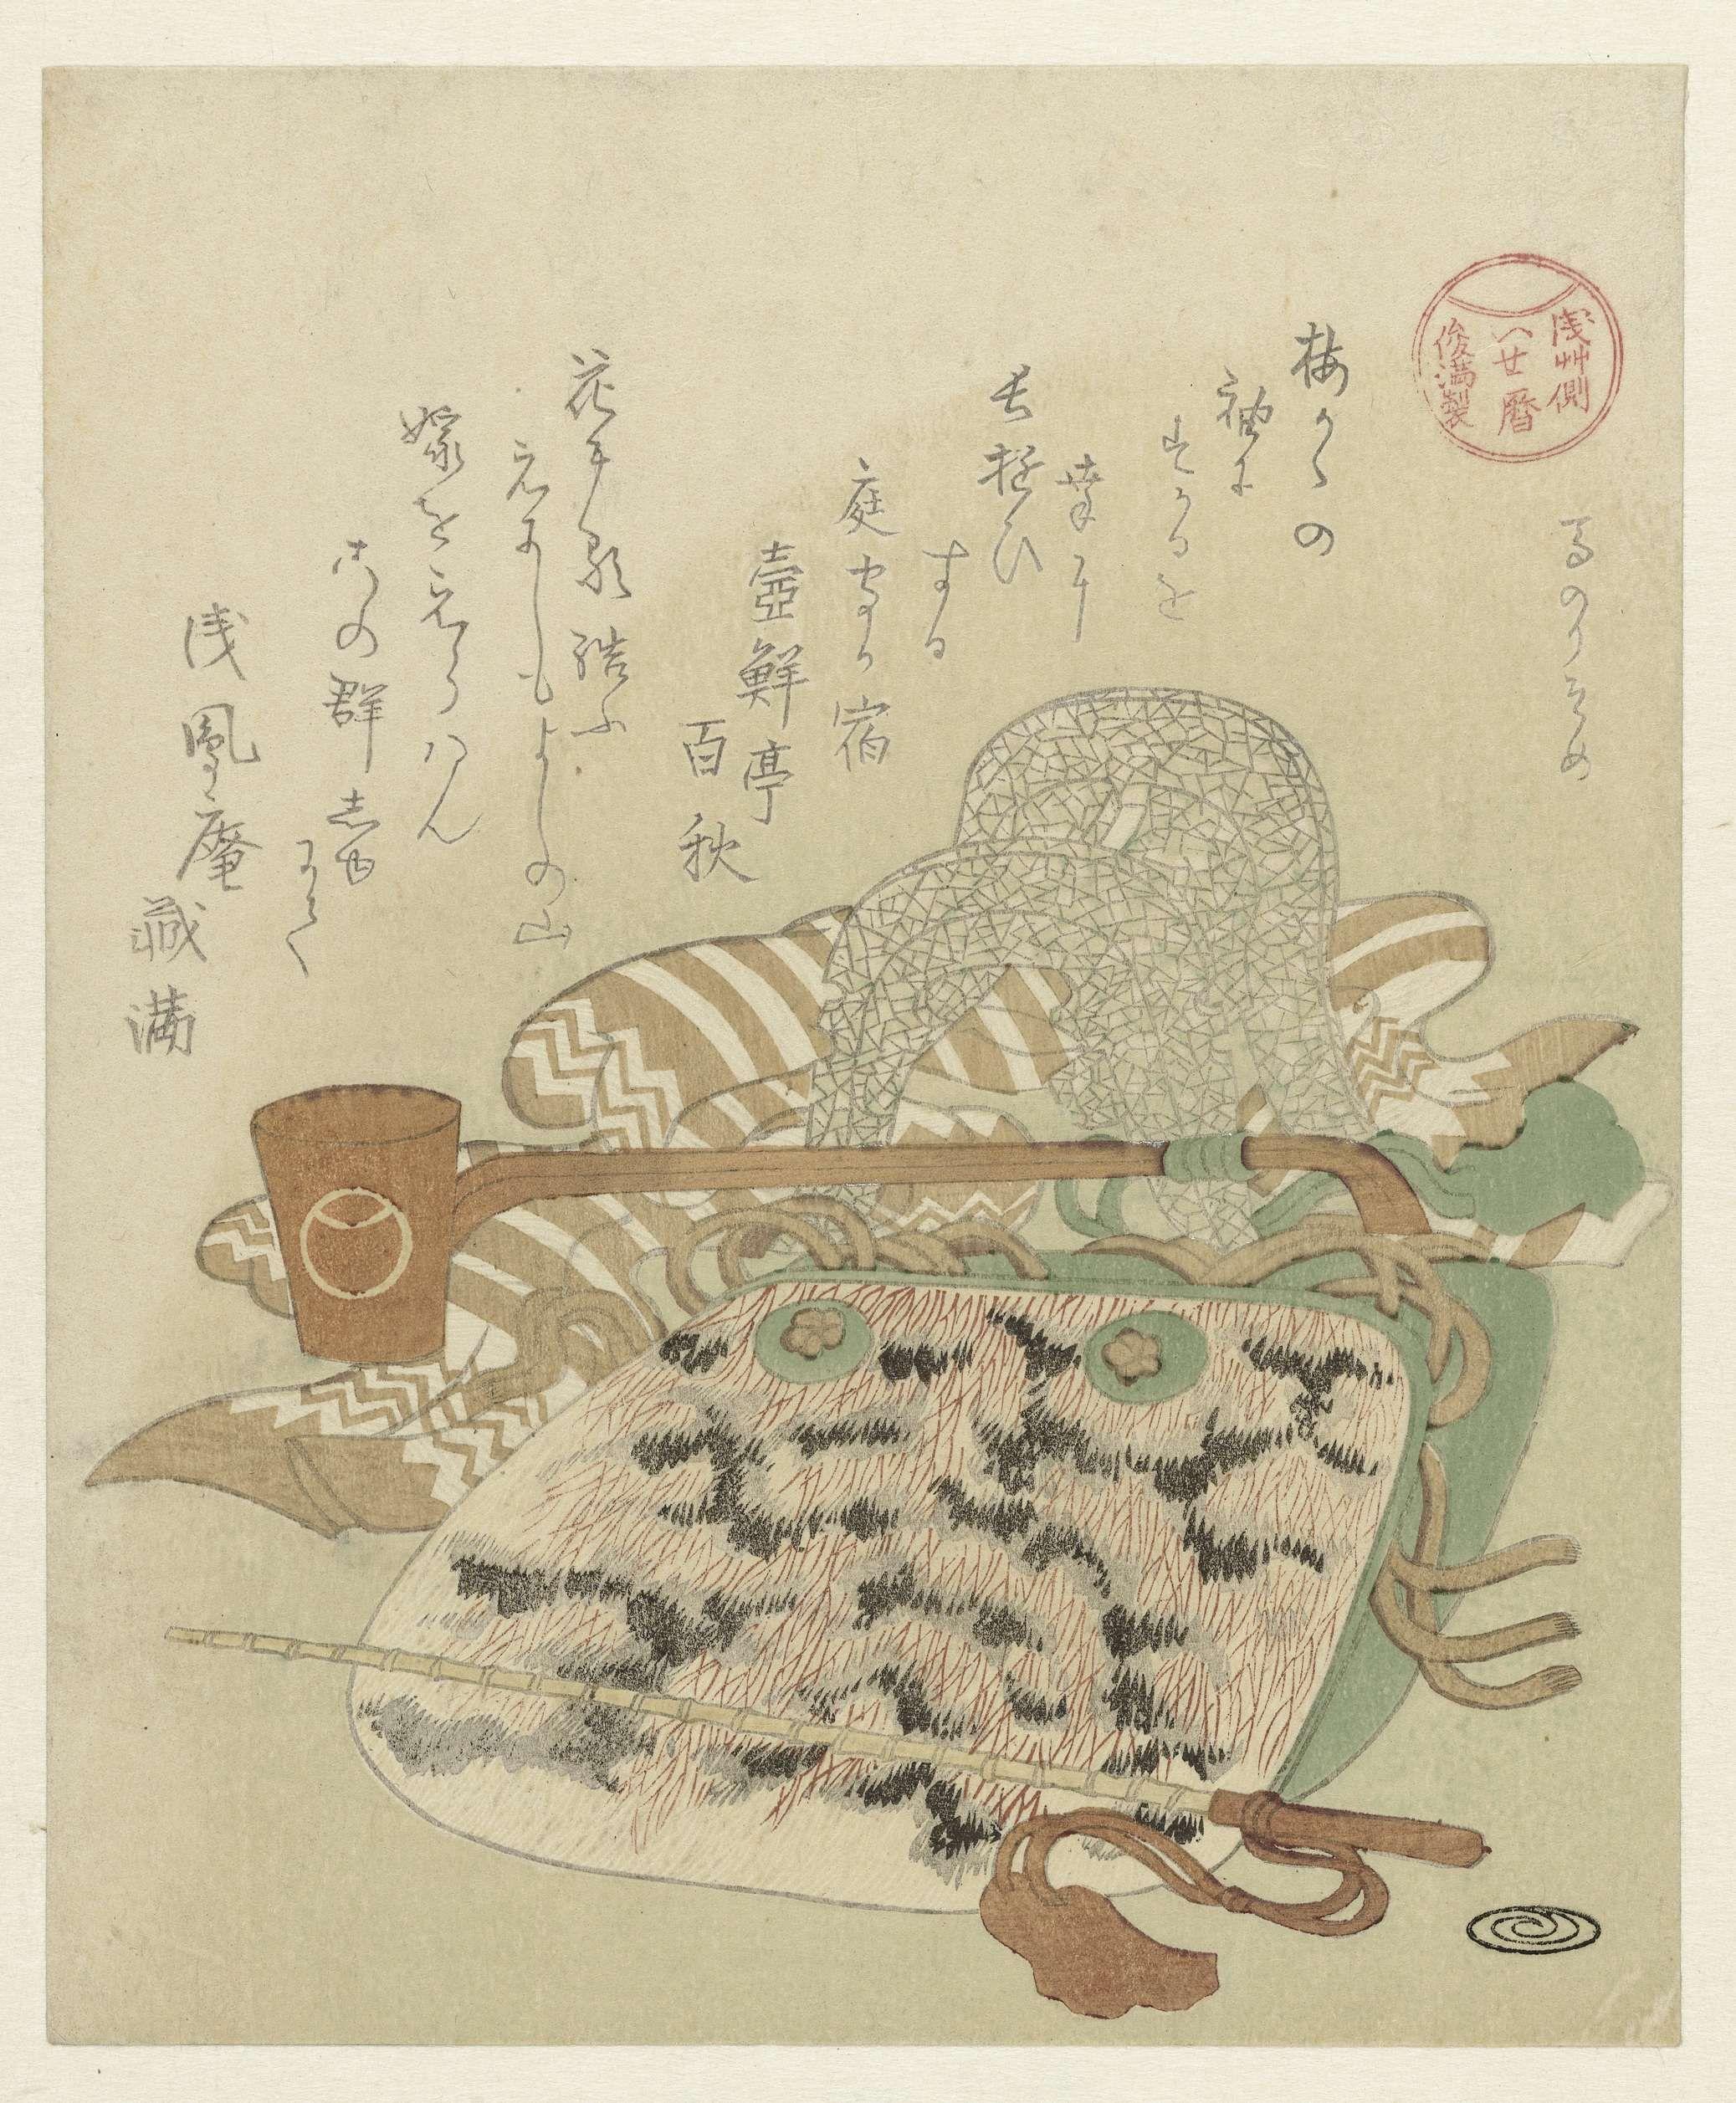 Kubota Shunman | Het eerste paardrijden van het jaar, Kubota Shunman, Kosentei Momoaki, Senpôan Kuramitsu, c. 1815 | Stilleven met zadel en draagtassen. Kalenders uit Ise (Isegoyomi) zijn een soort almanak waarop staat welke acties goed zijn of men moet vermijden. Met twee gedichten.